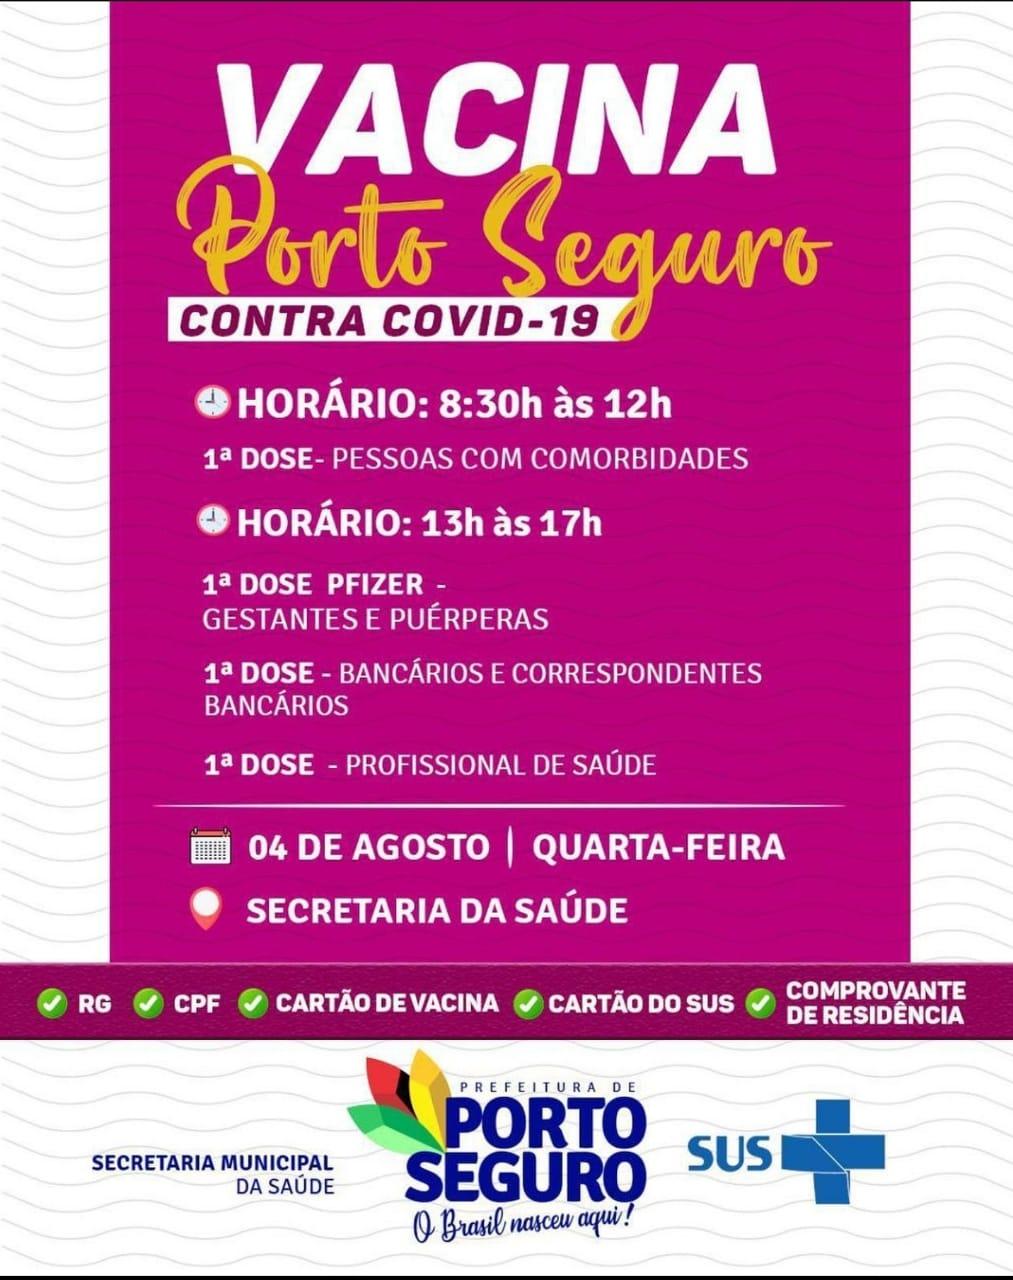 Vacina Porto Seguro contra Covid-19; cronograma de vacinação de 02 a 04 de Agosto 37